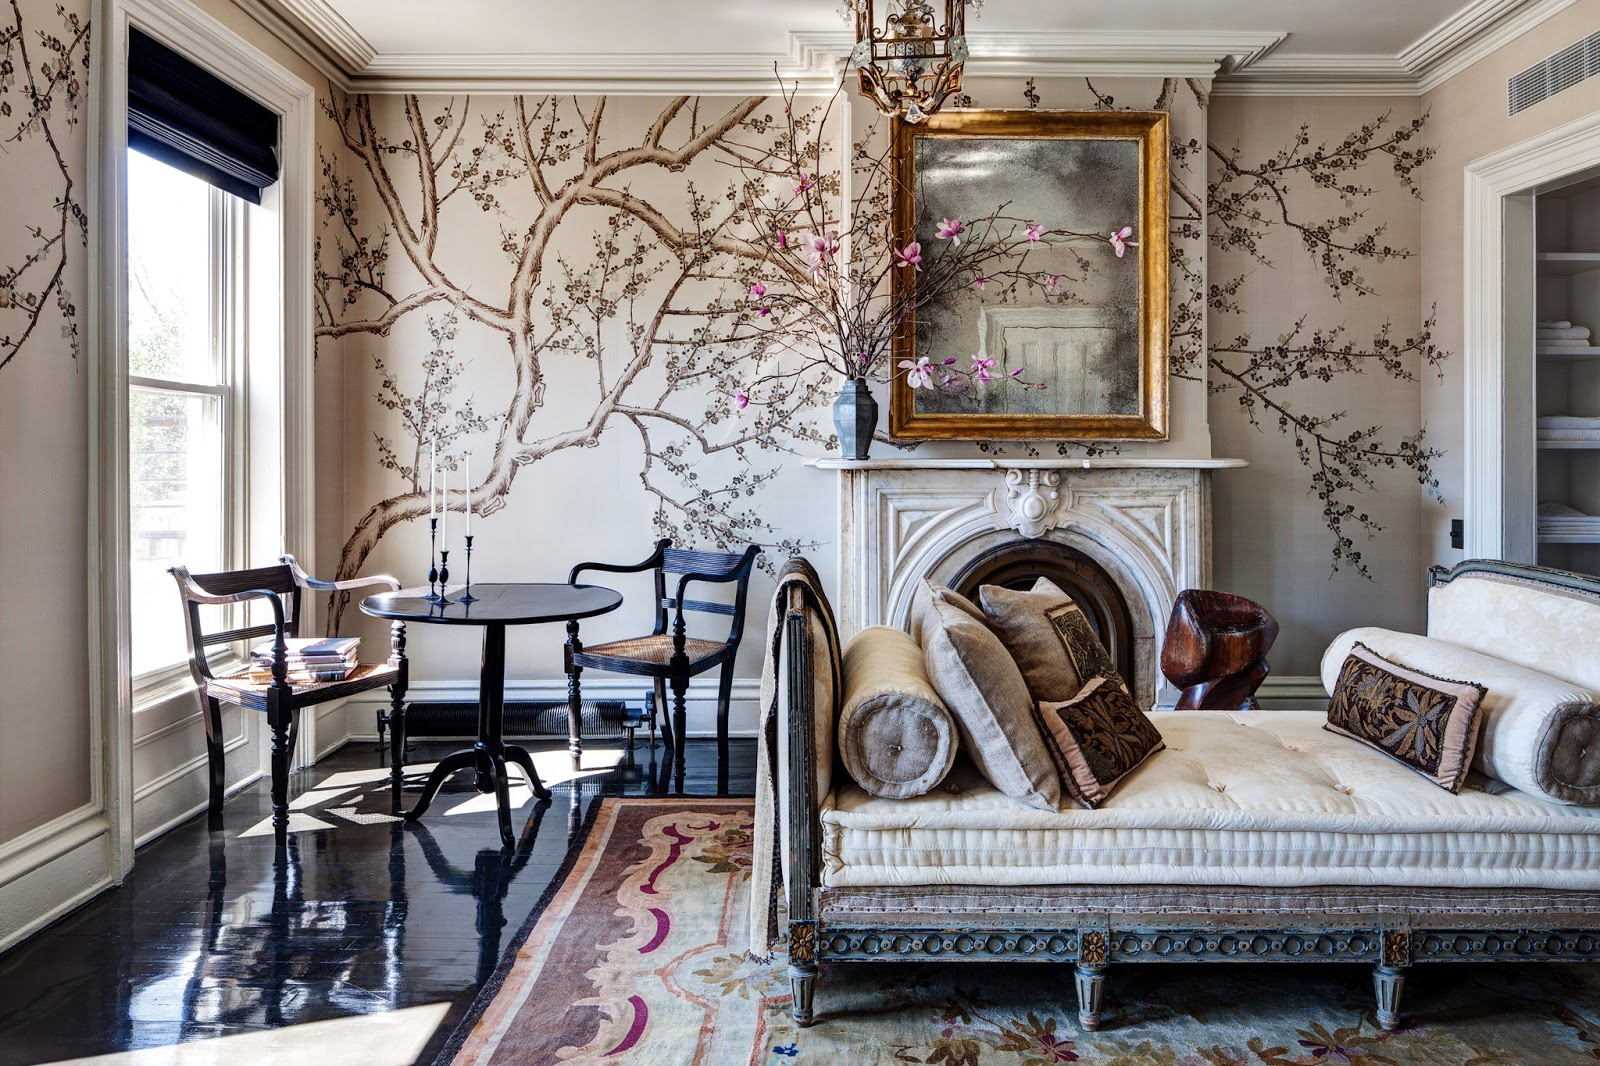 brooklyn-brownstone-great-homes-wallpaper